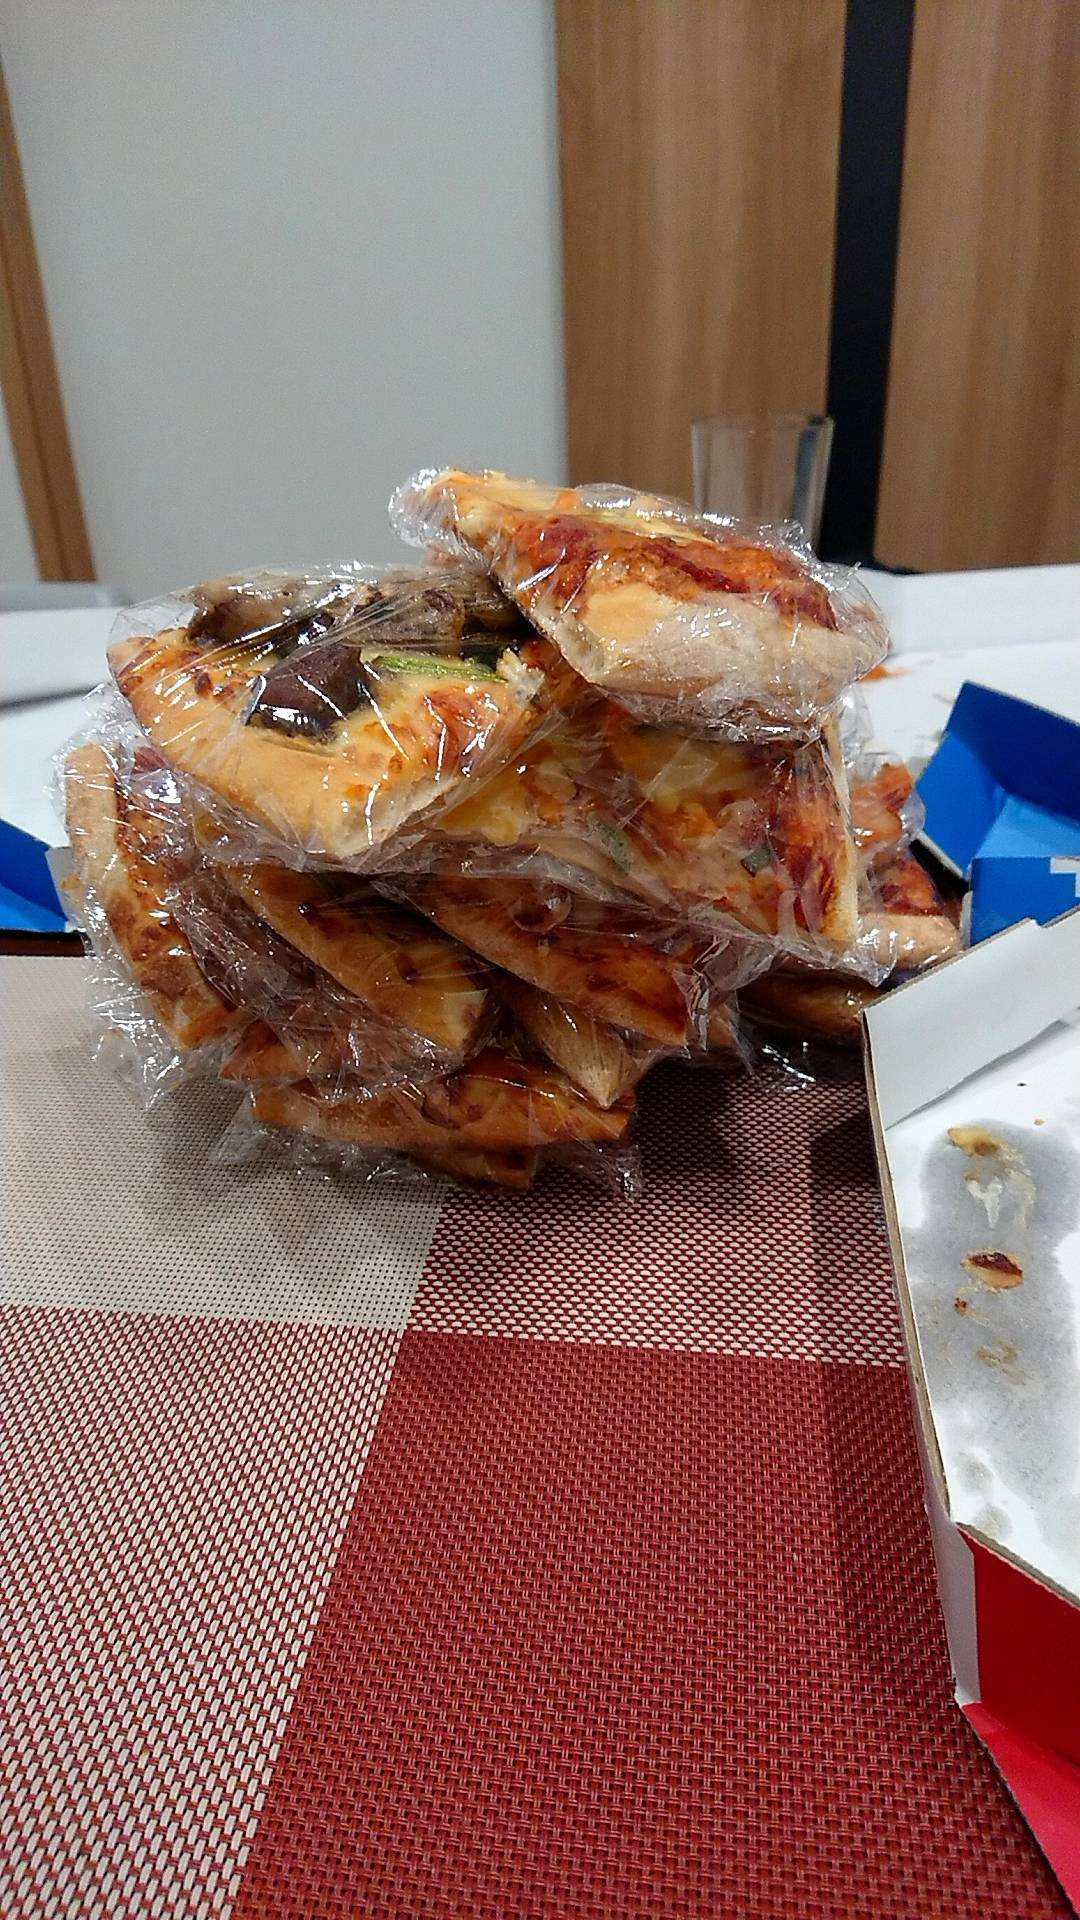 【悲報】ワイ氏、ドミノ・ピザLサイズを三枚注文し無事●●